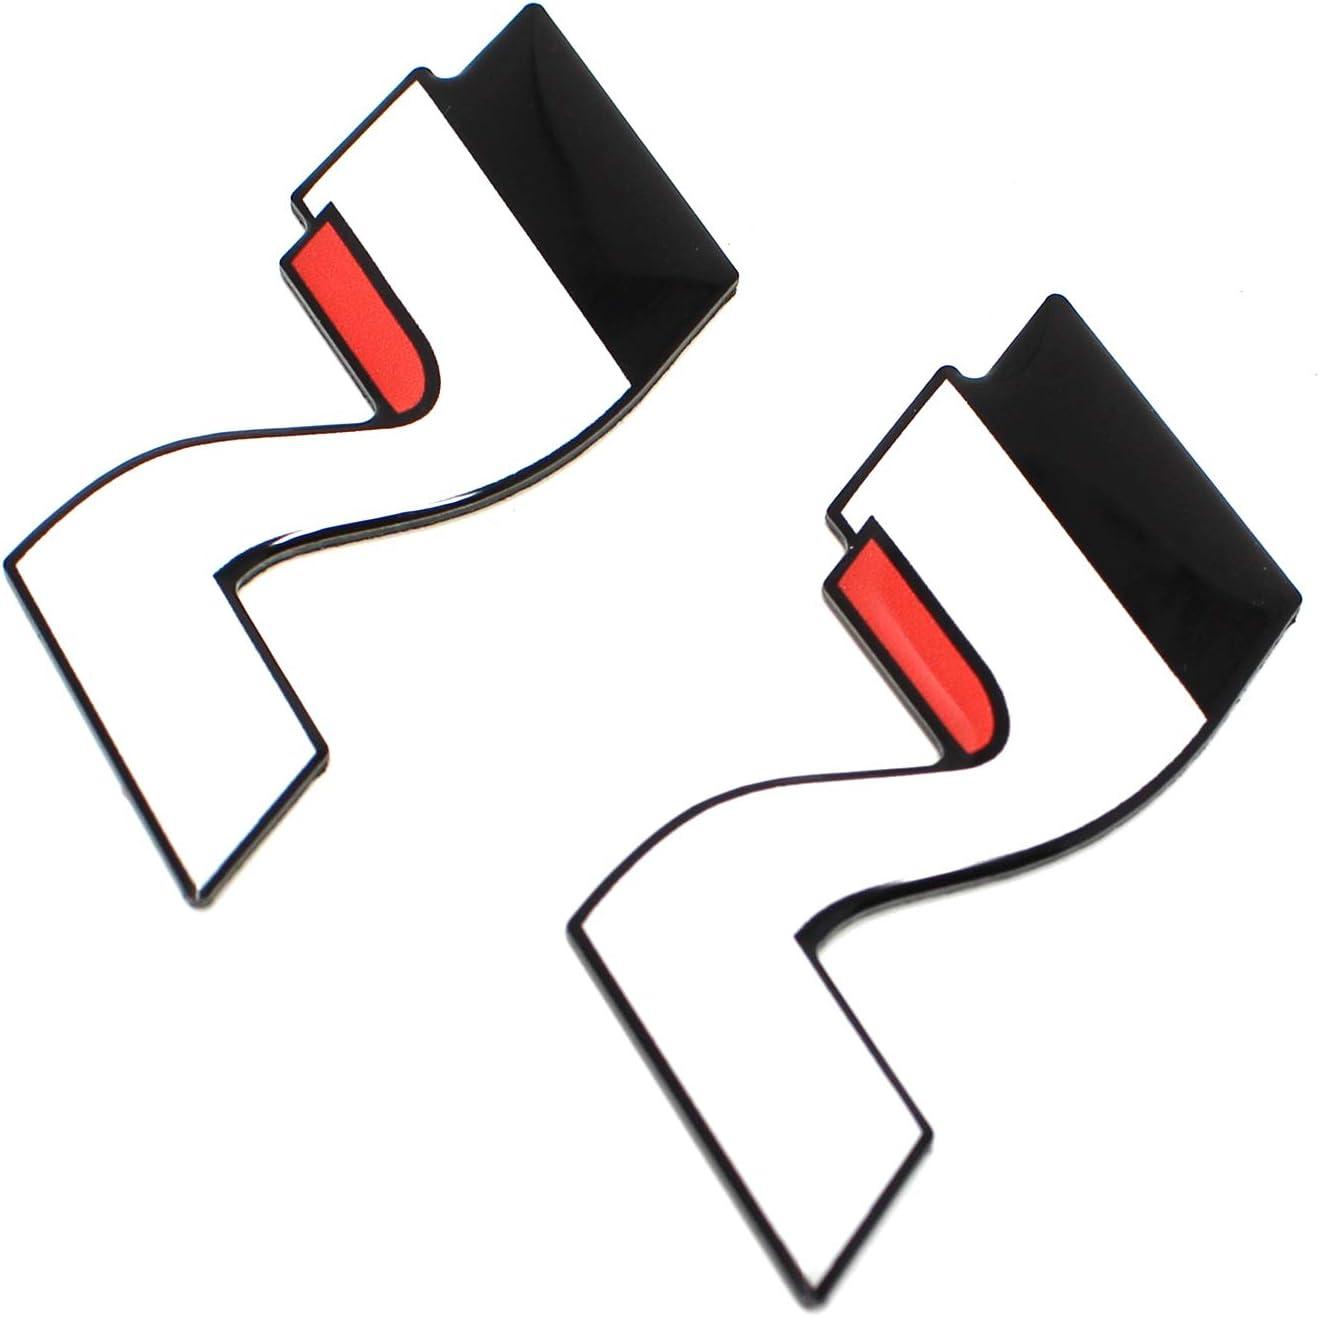 2er-Set Original N-Logo Badge OEM Emblem f/ür Seitenschweller Passgenau Aufkleber f/ür Vorhandene Einpr/ägungen Selbstklebend